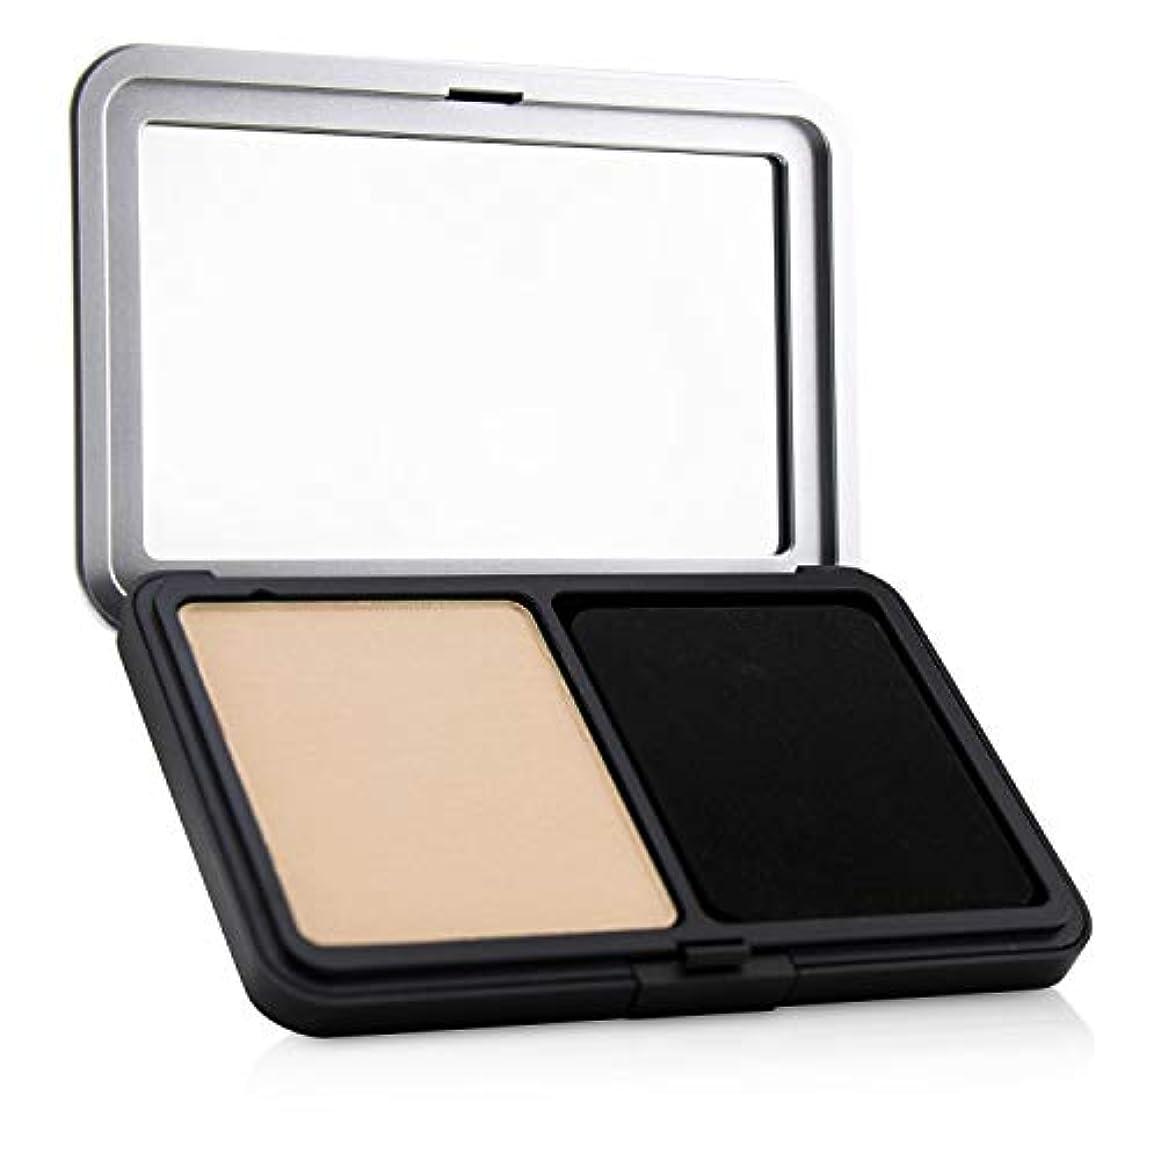 目を覚ますトン反発メイクアップフォーエバー Matte Velvet Skin Blurring Powder Foundation - # R210 (Pink Alabaster) 11g/0.38oz並行輸入品